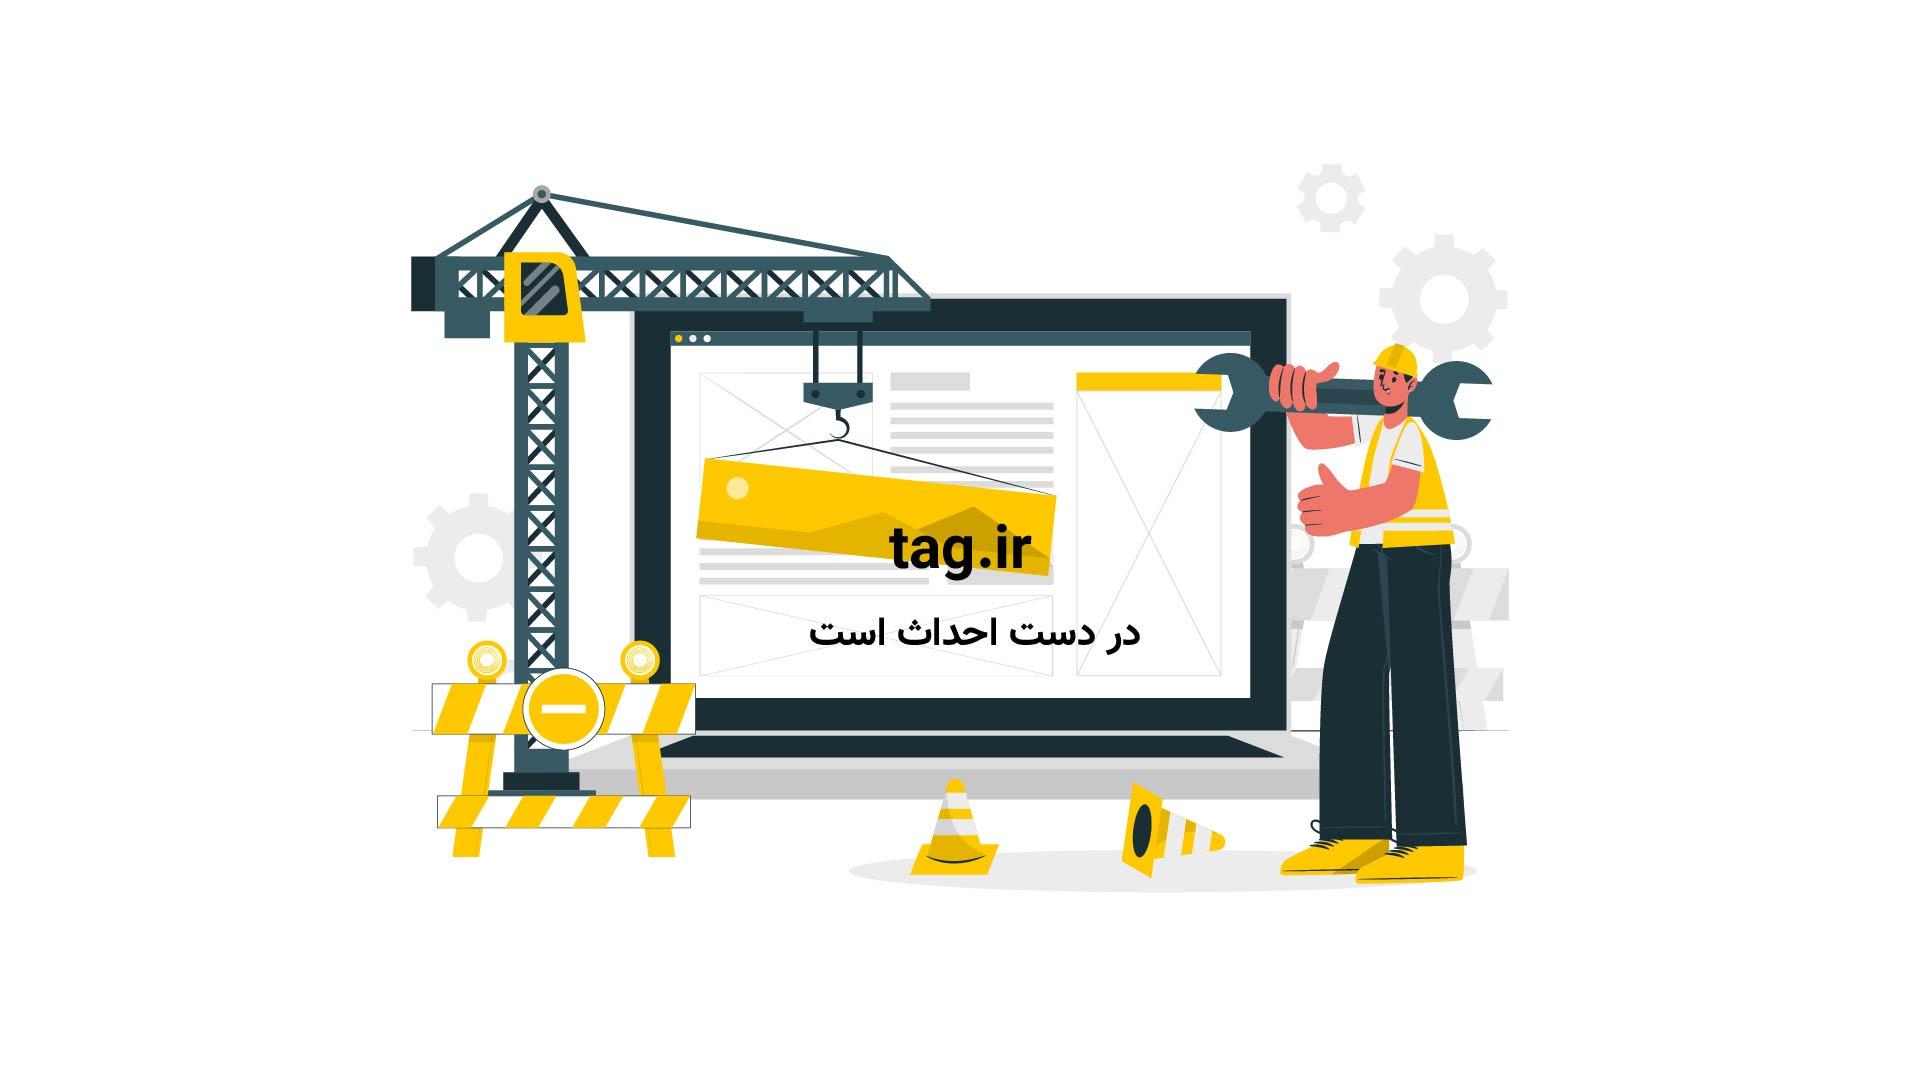 هواپیمای اسباب بازی | تگ